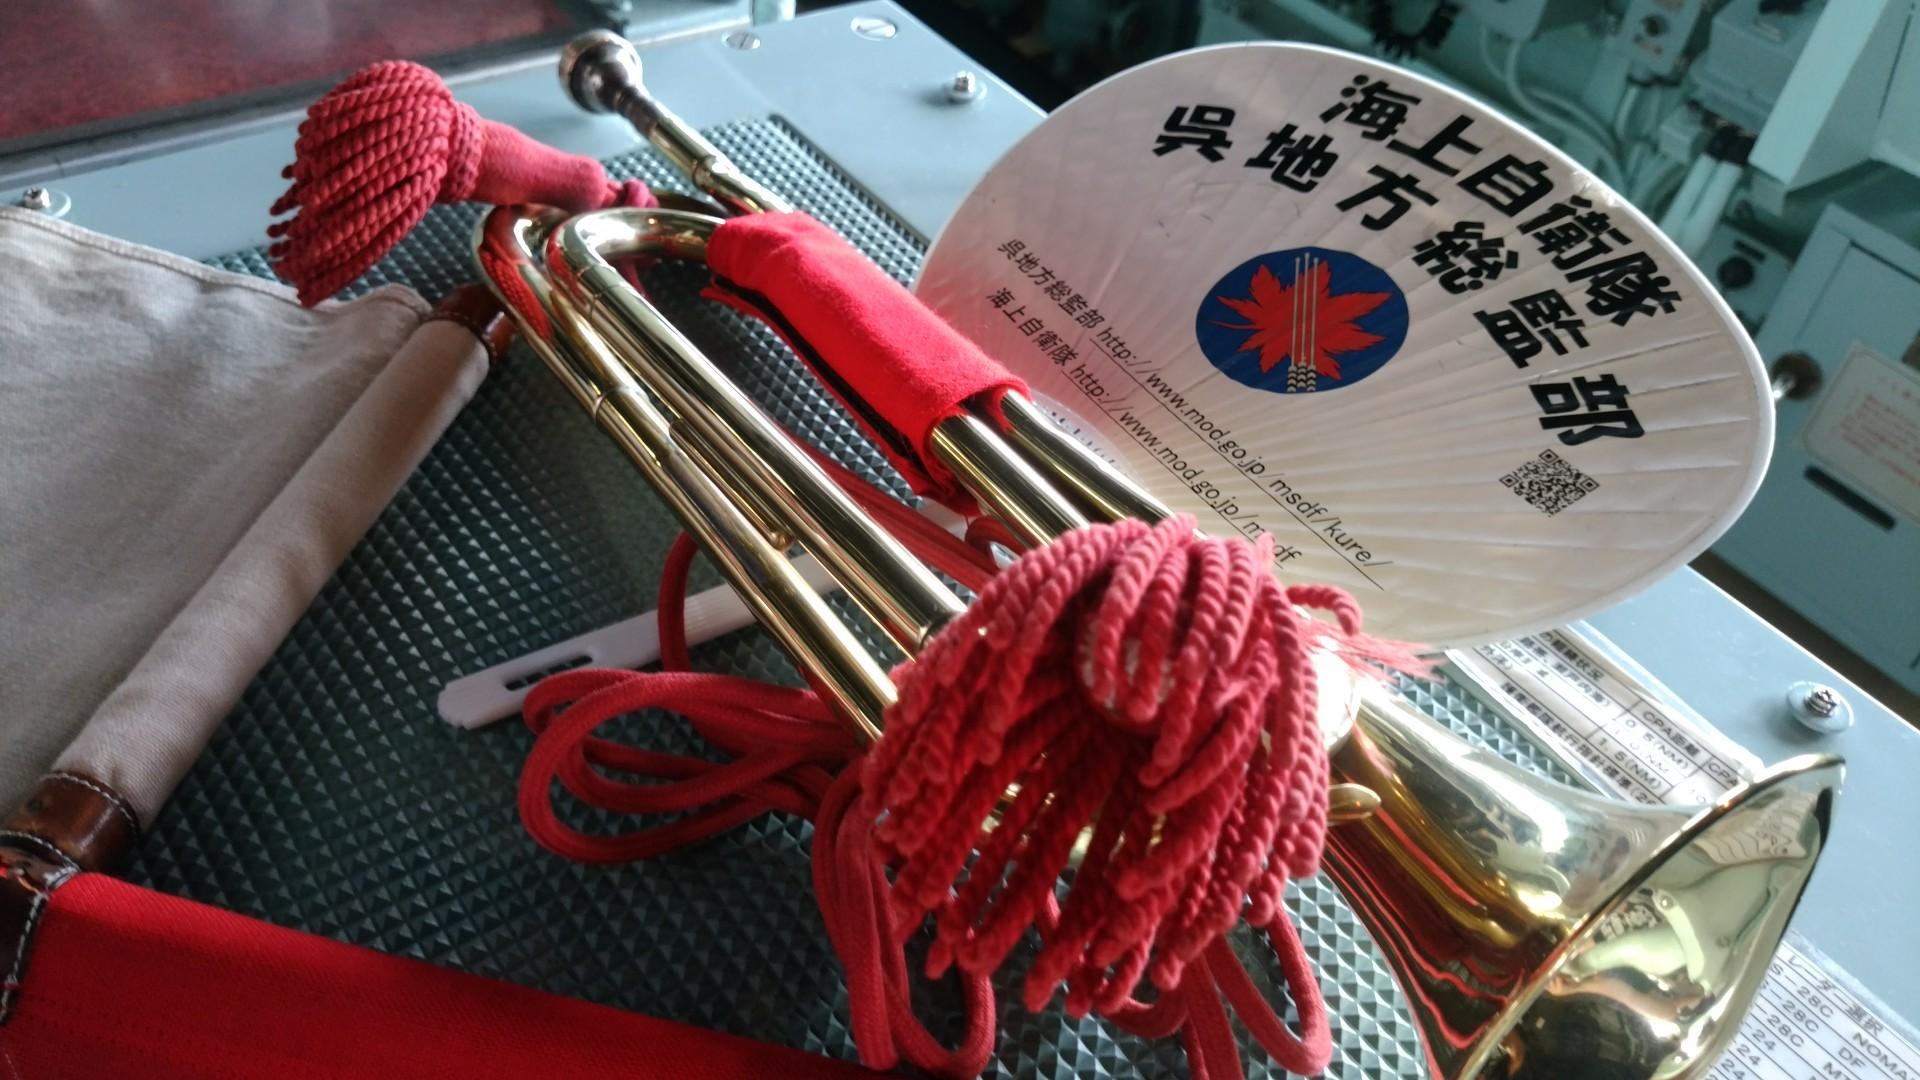 海上自衛隊☆護衛艦一般公開☆ in 宮城県仙台港へ行って来ました!_f0168392_19374892.jpg